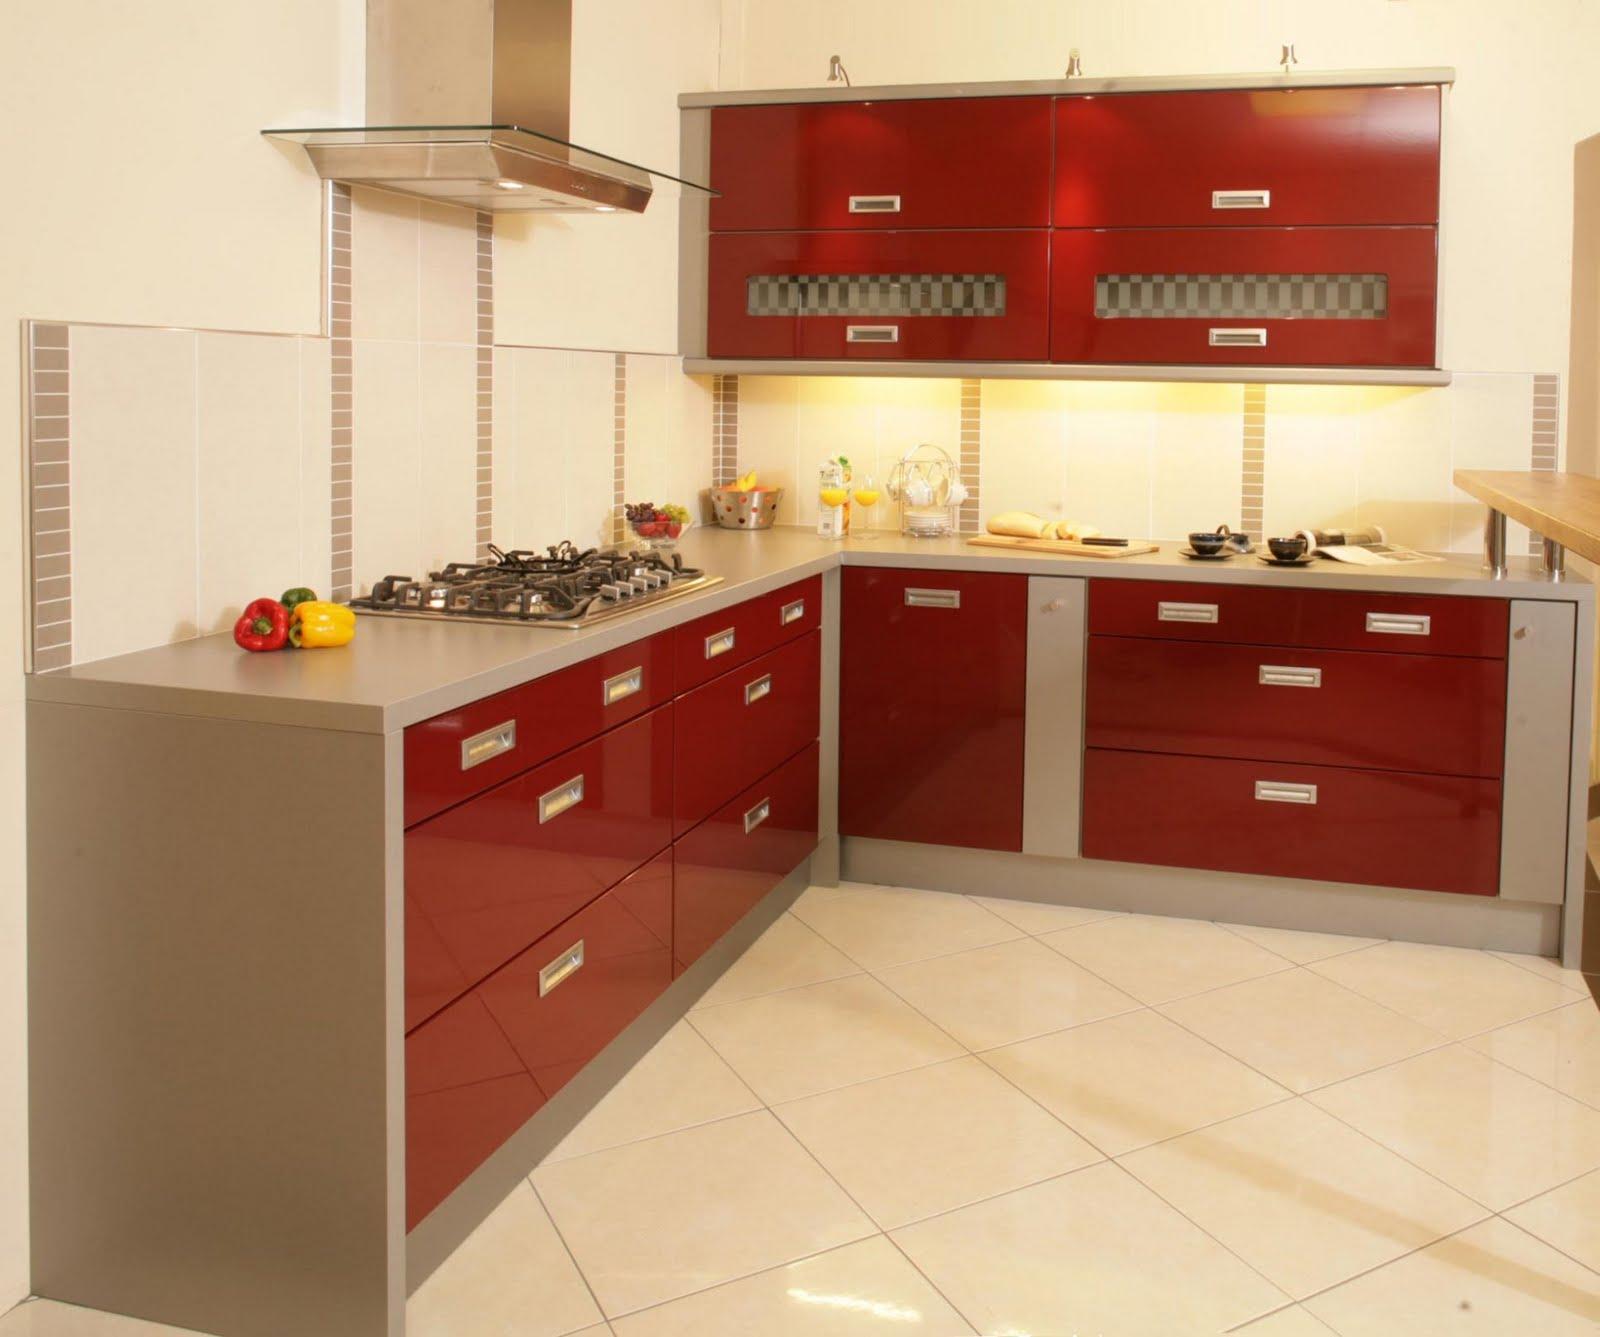 Red kitchen set photo - 1